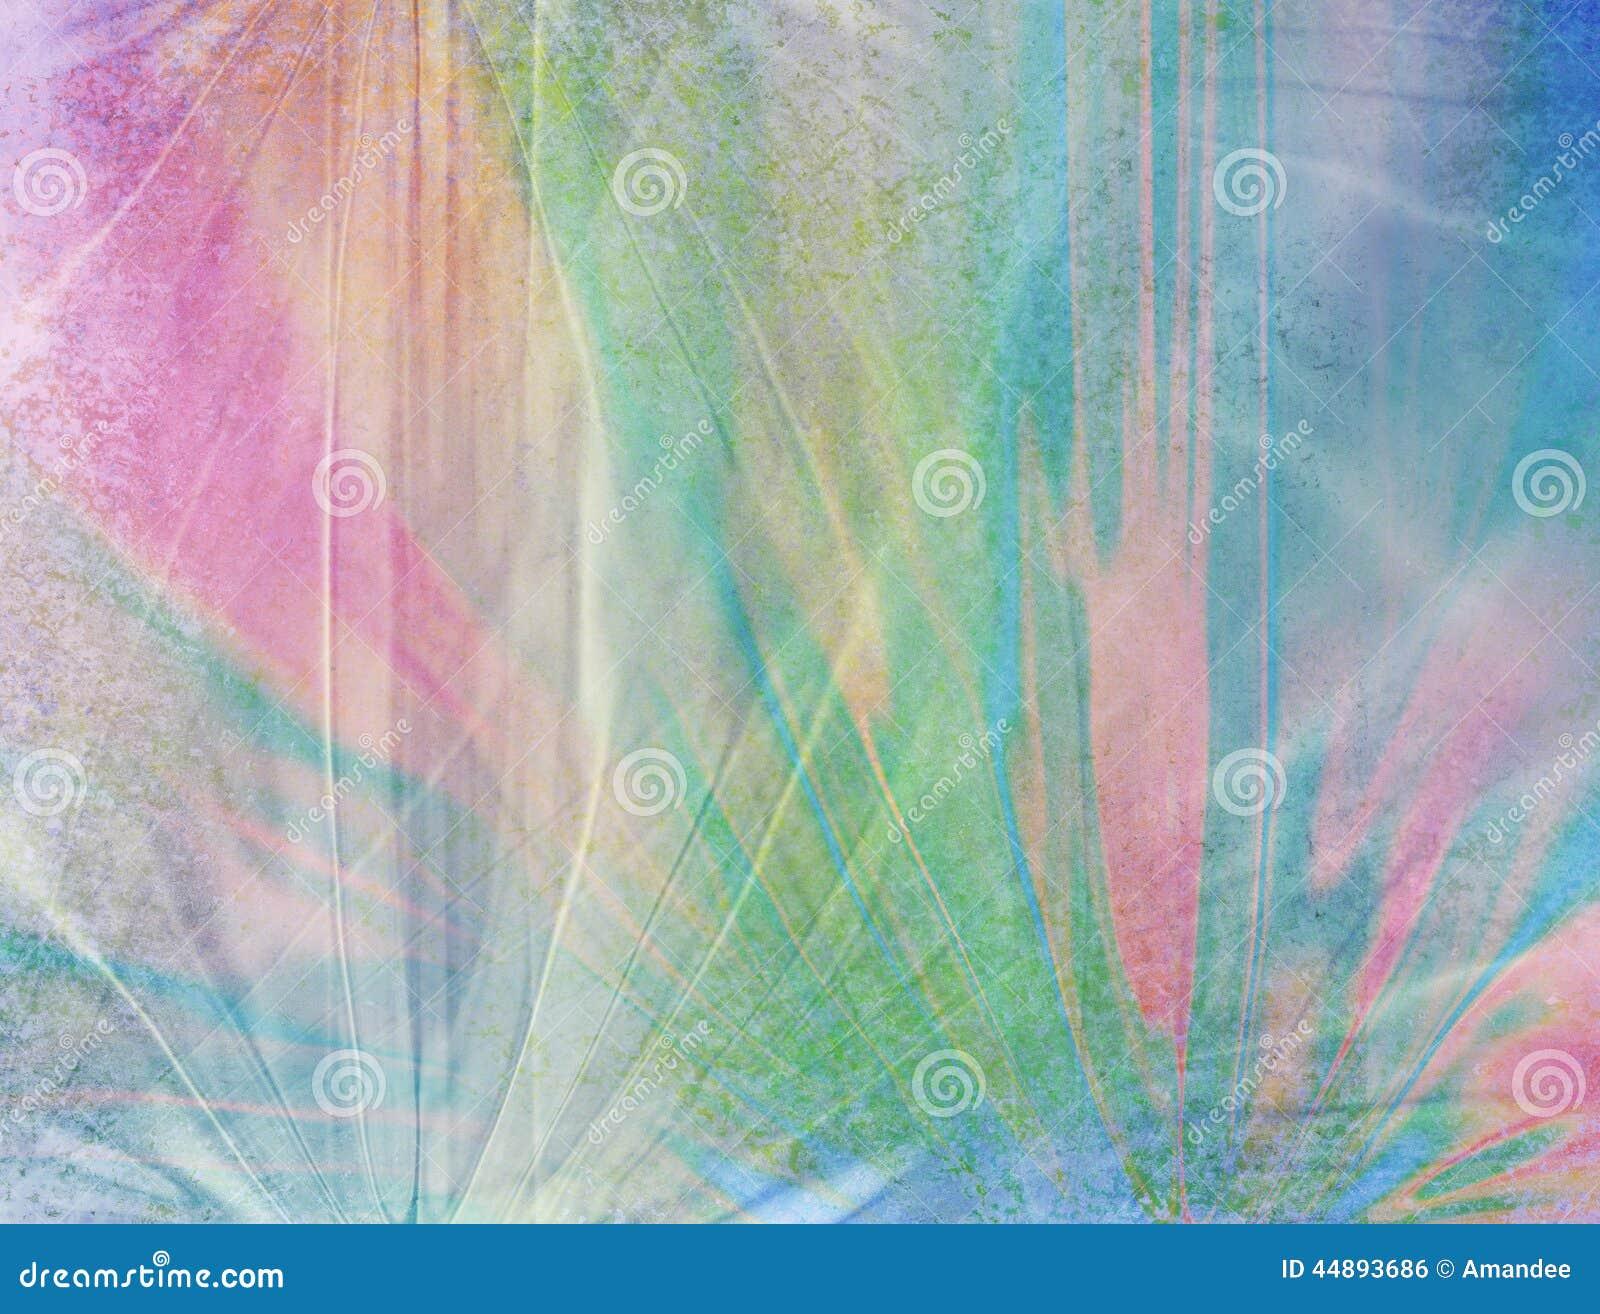 Εξασθενισμένο ζαρωμένο σχέδιο υποβάθρου με τα μπλε χρώματα ρόδινων πράσινα και ροδάκινων παλαιά βρώμικη σύσταση και άσπρη επικάλυ